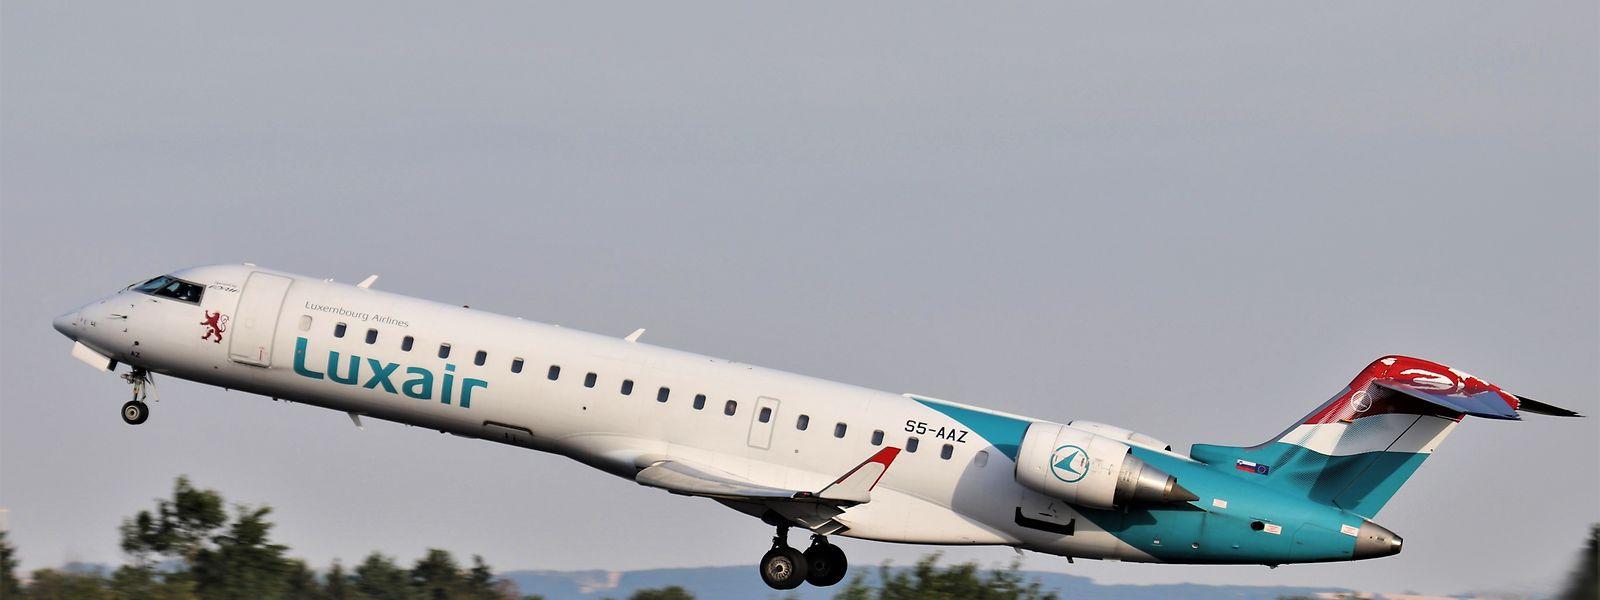 Luxair flog ab Saarbrücken mit einer von Adria gemieteten CRJ-700.